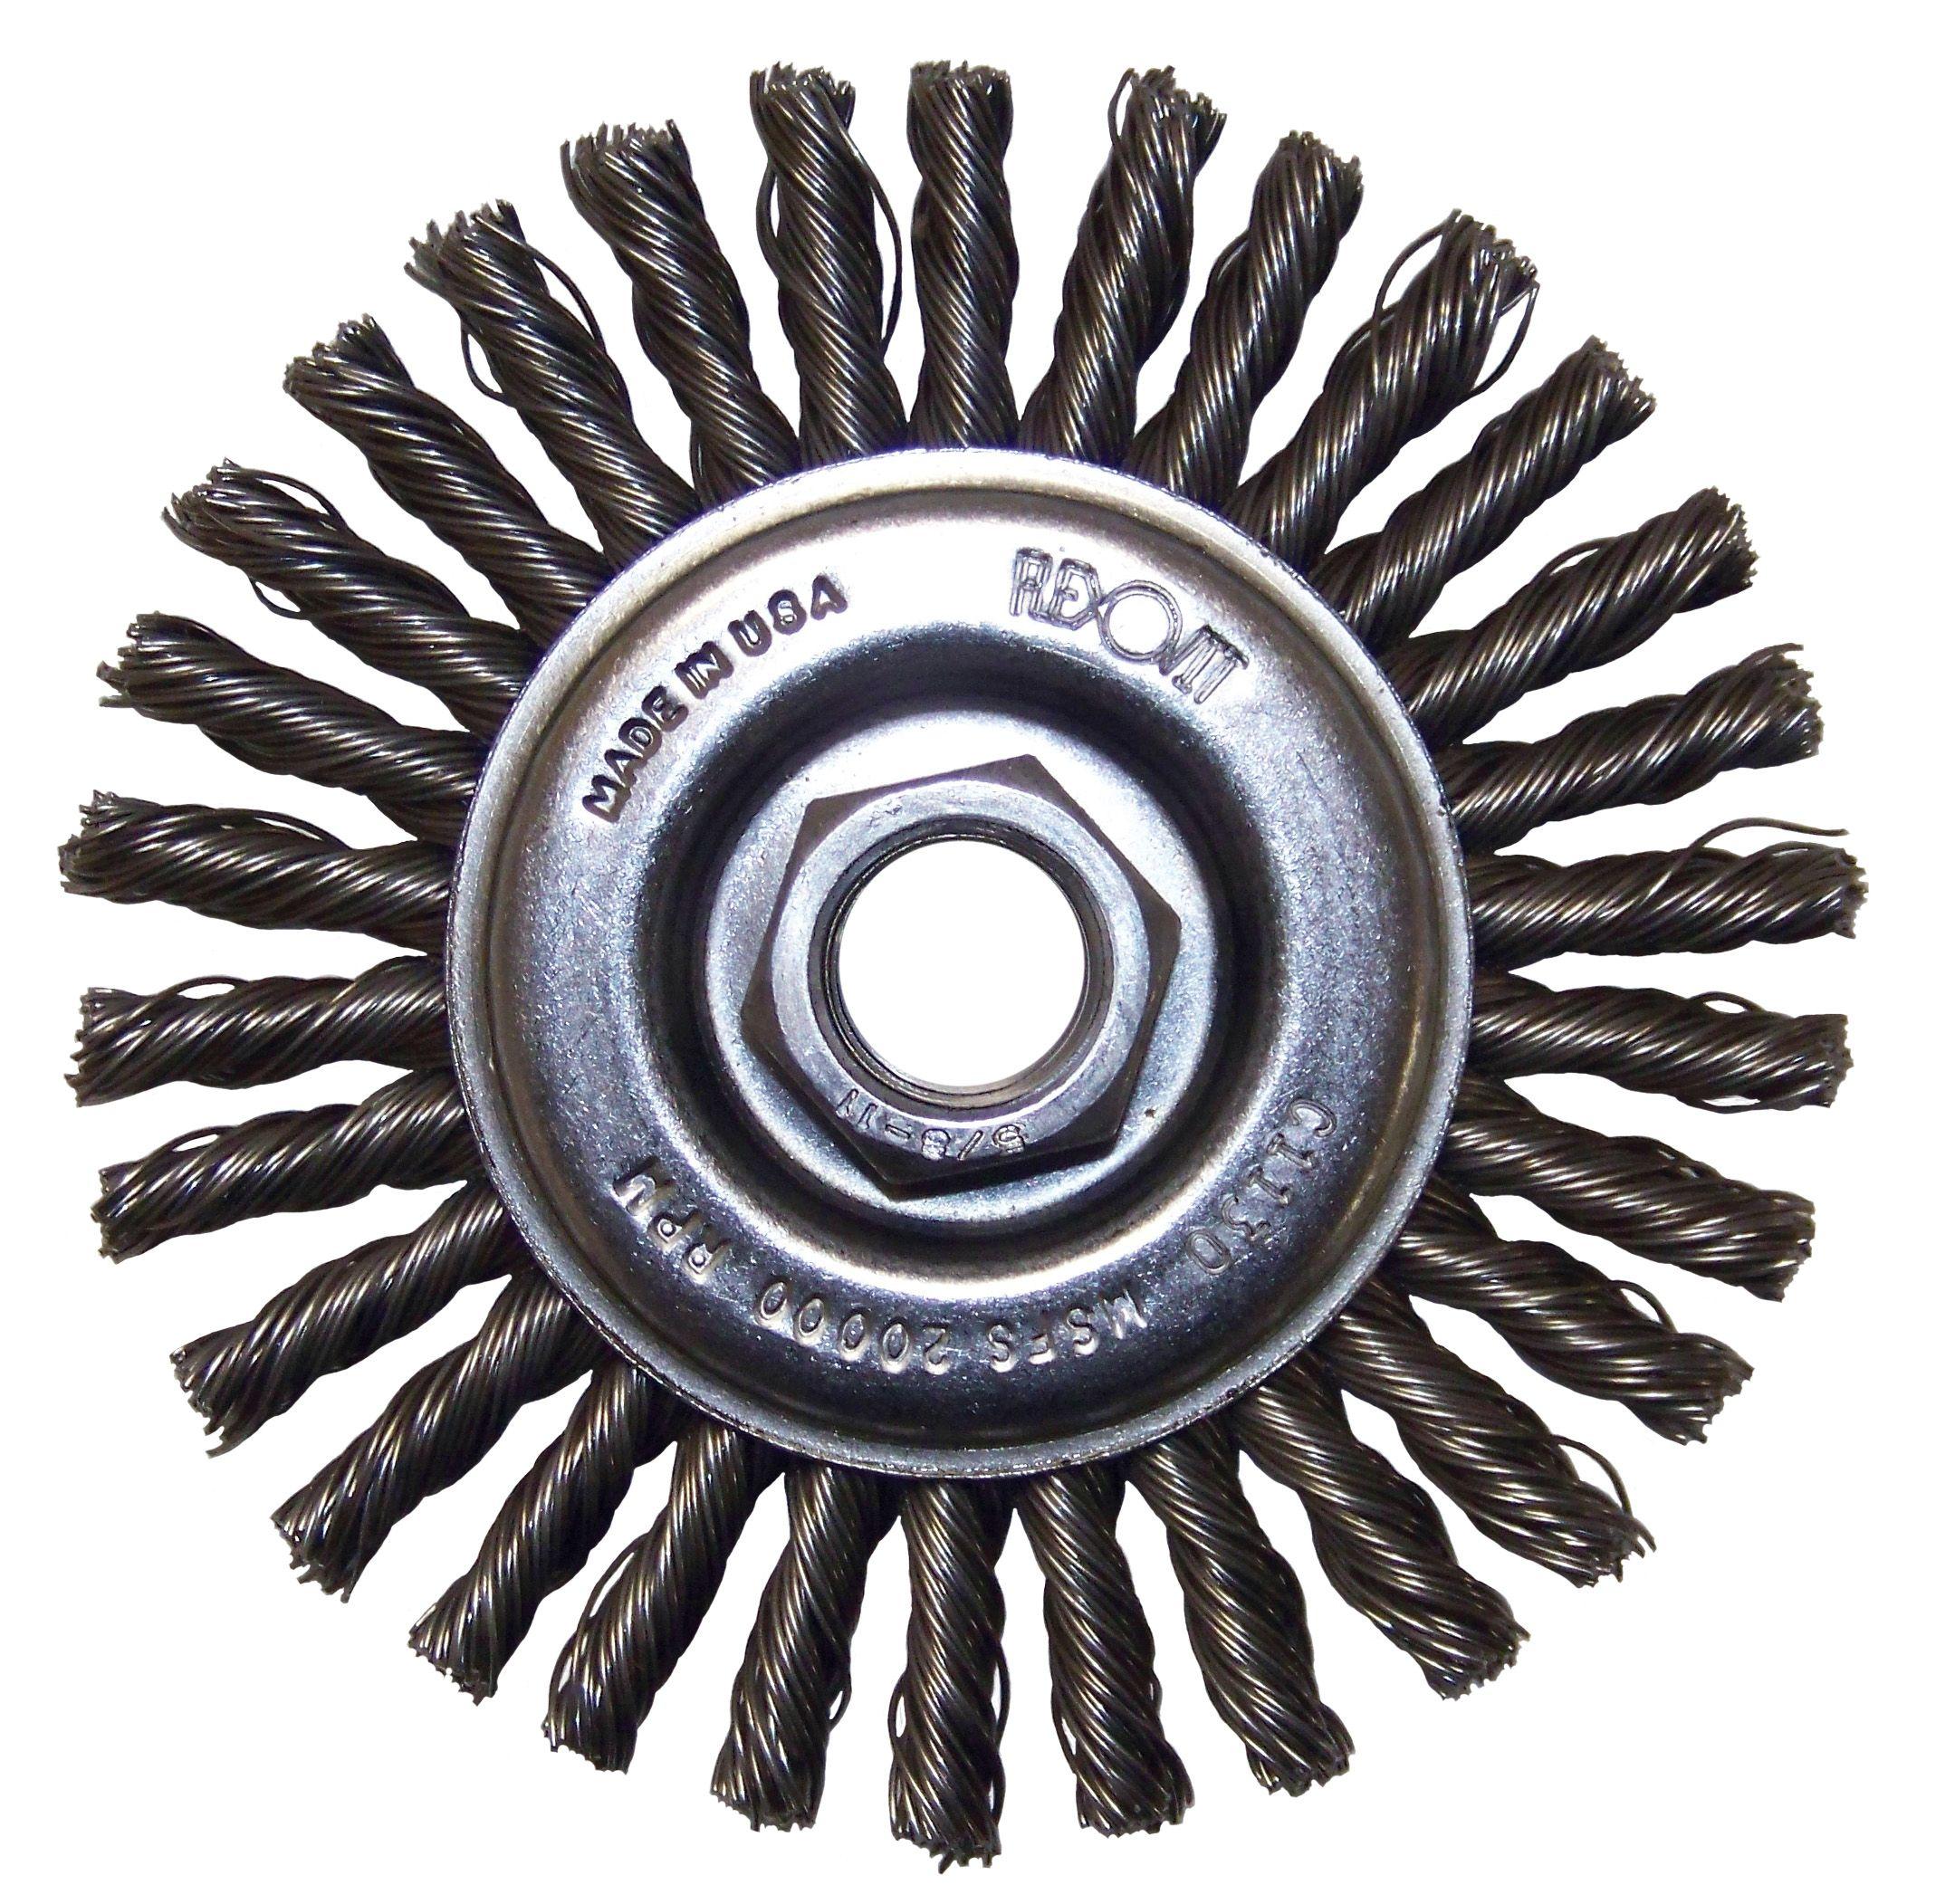 Flexovit C1200 Brosse nouée circulaire 4